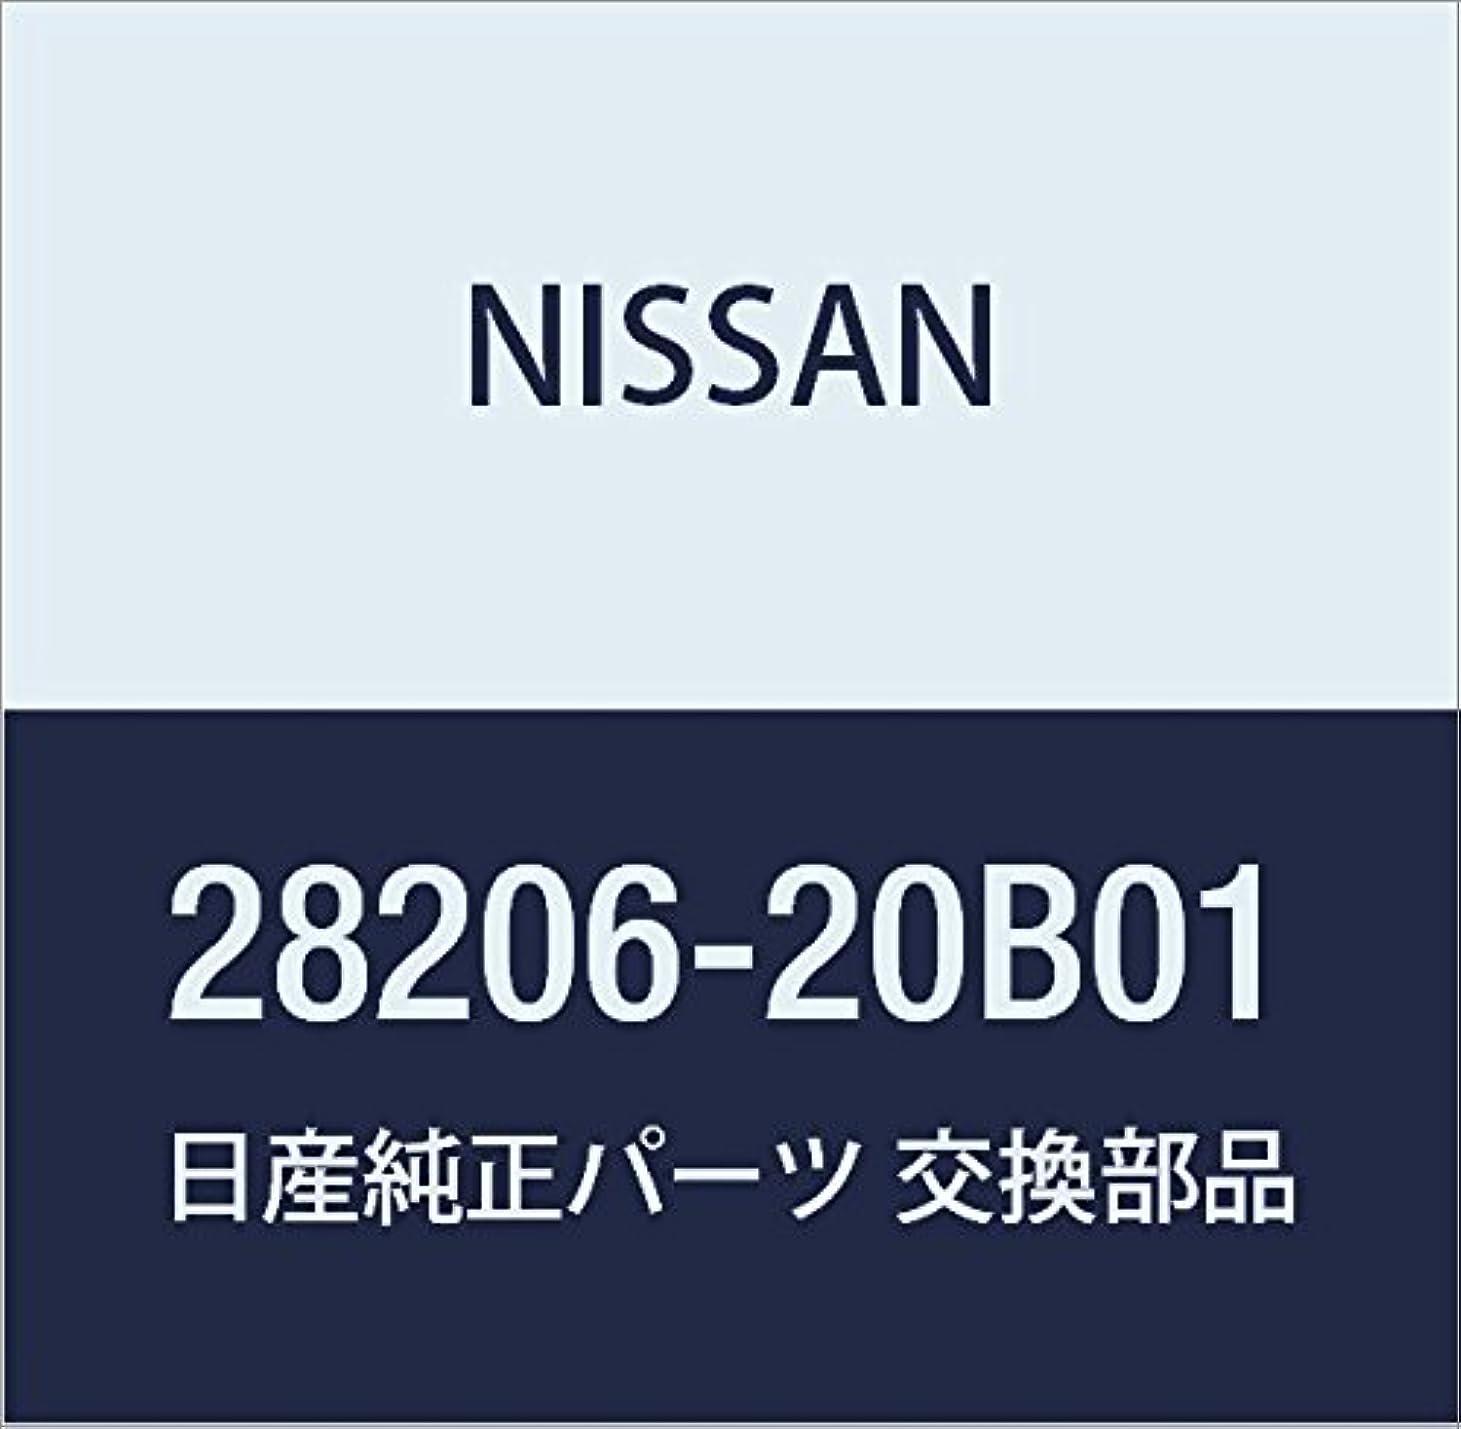 スキャンダル副船上NISSAN (日産) 純正部品 アンテナ アッセンブリー BEー1 品番28206-20B01